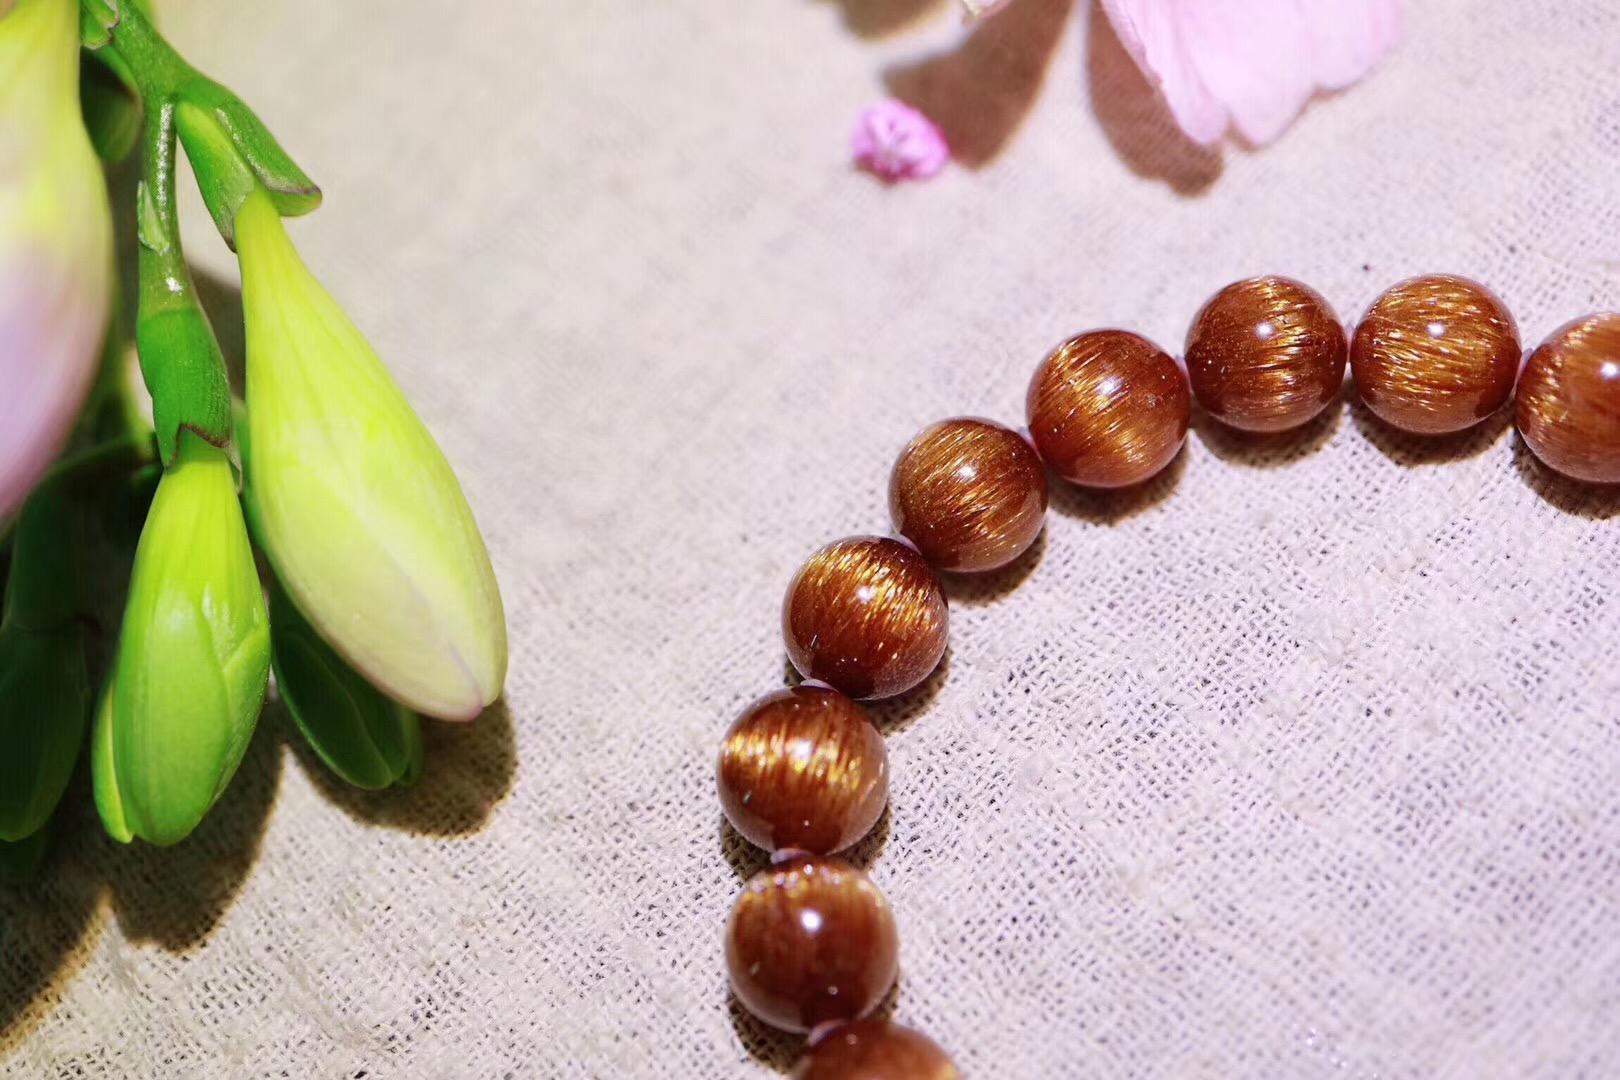 【菩心   铜发晶】寓意富贵、吉祥,辟邪、化是非、增强行动力-菩心晶舍